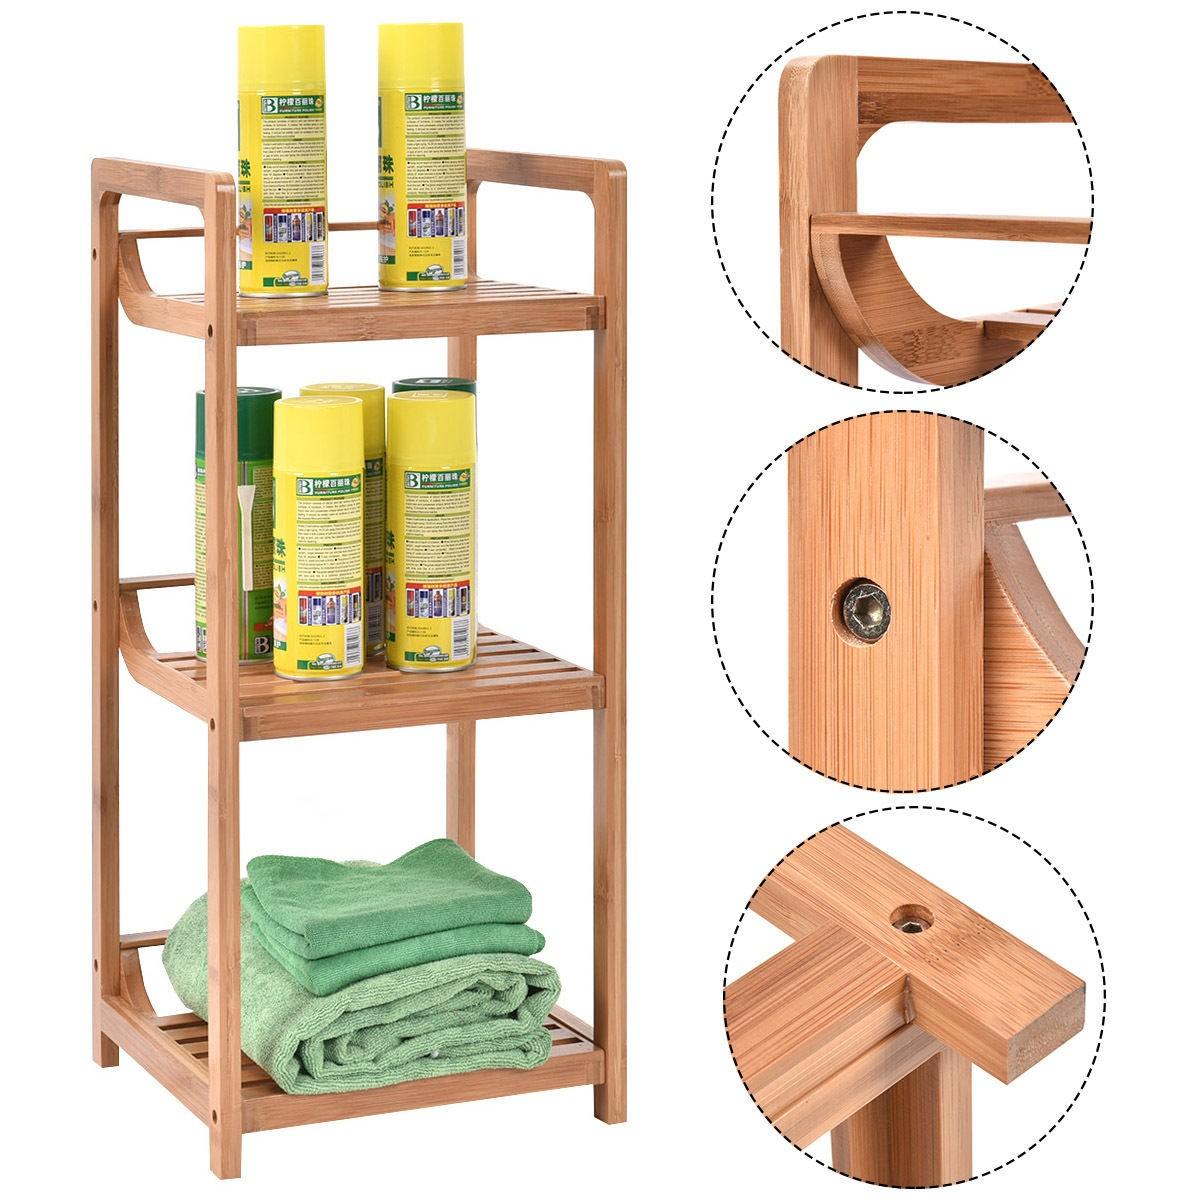 us 3tier bathroom shelf bamboo bath storage space saver organizer shelves rack